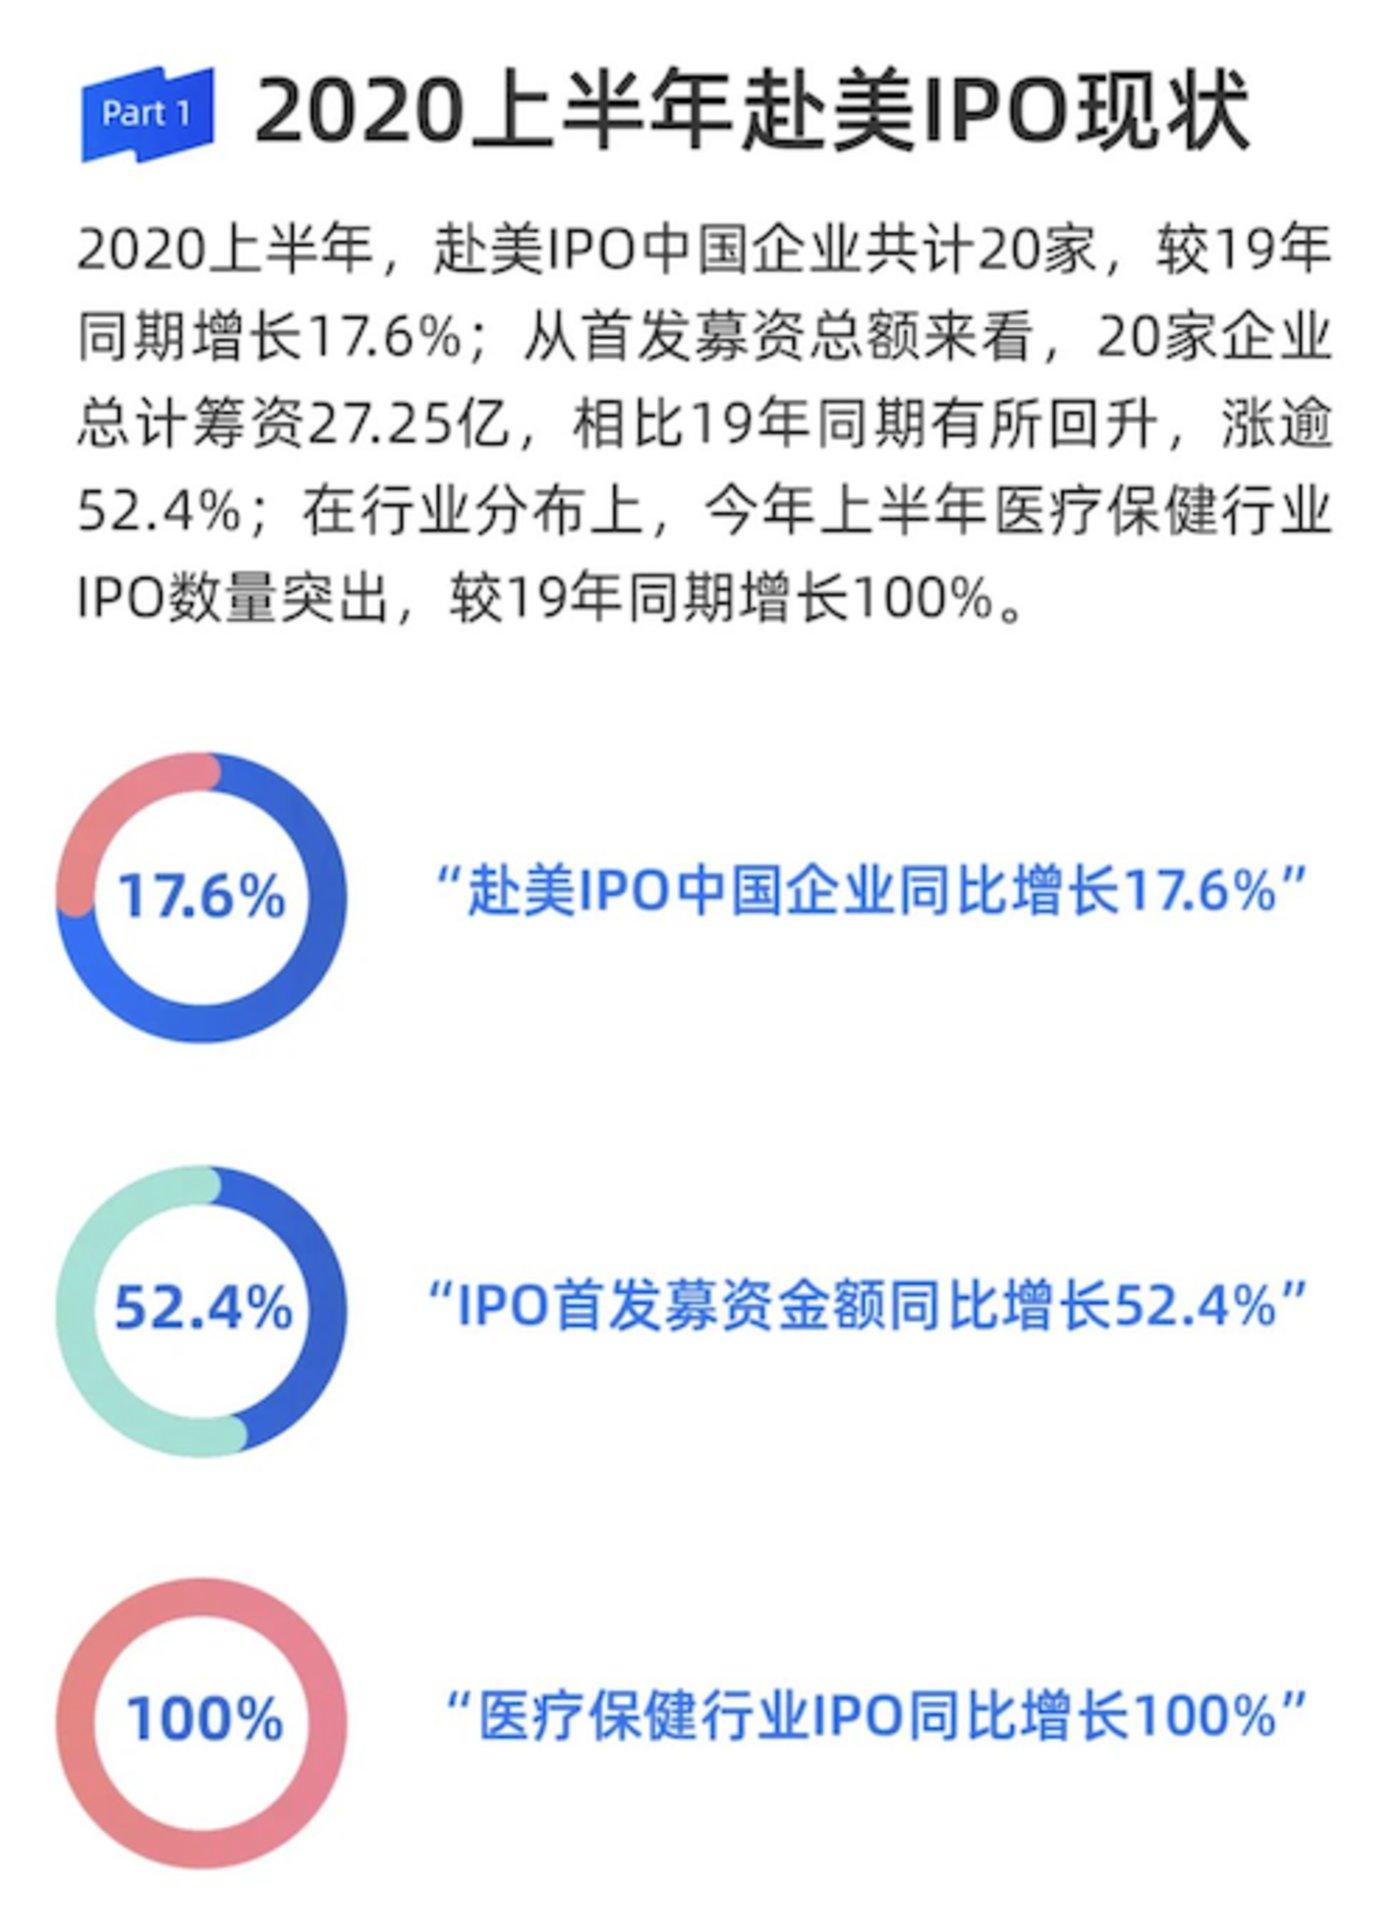 来源:《雪球2020上半年中概股数据报告》